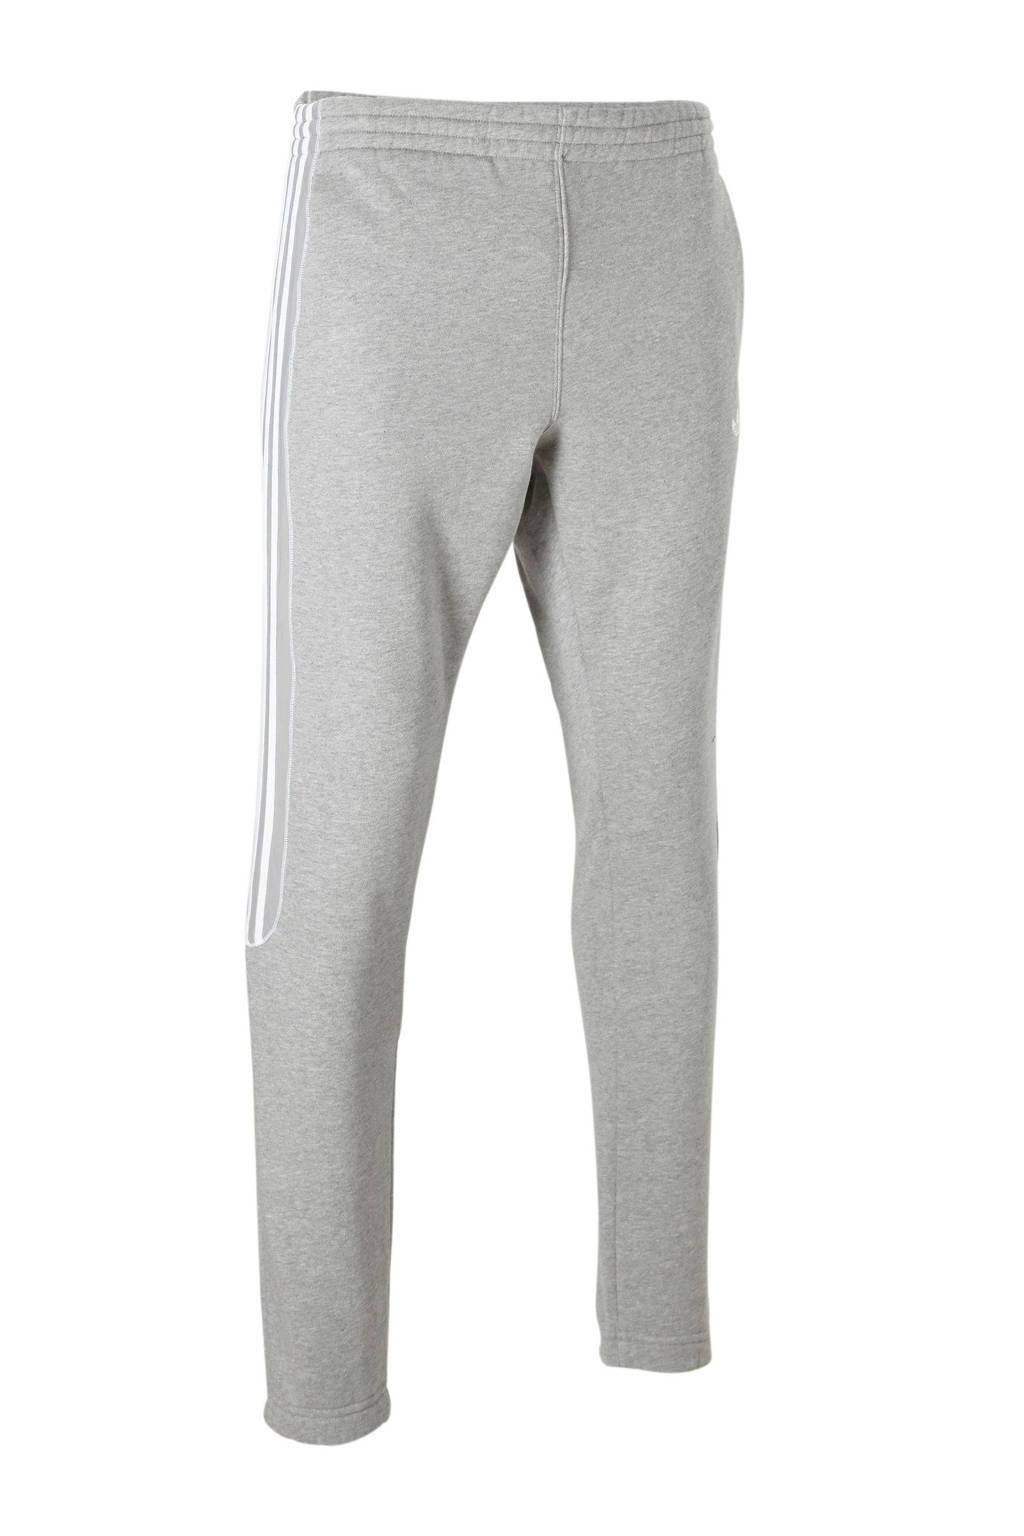 adidas originals joggingbroek grijs, Grijs